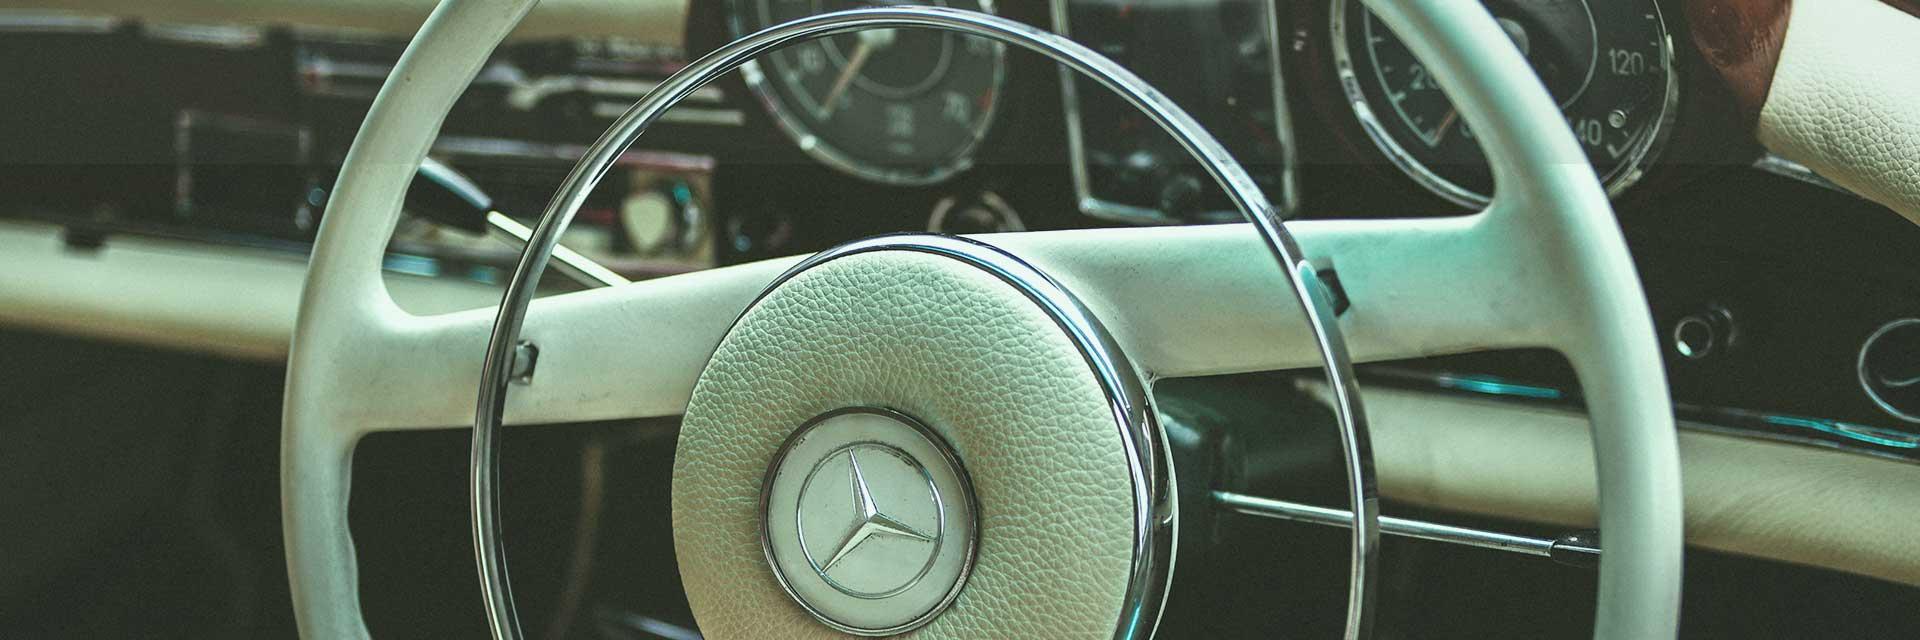 Automotive Know How